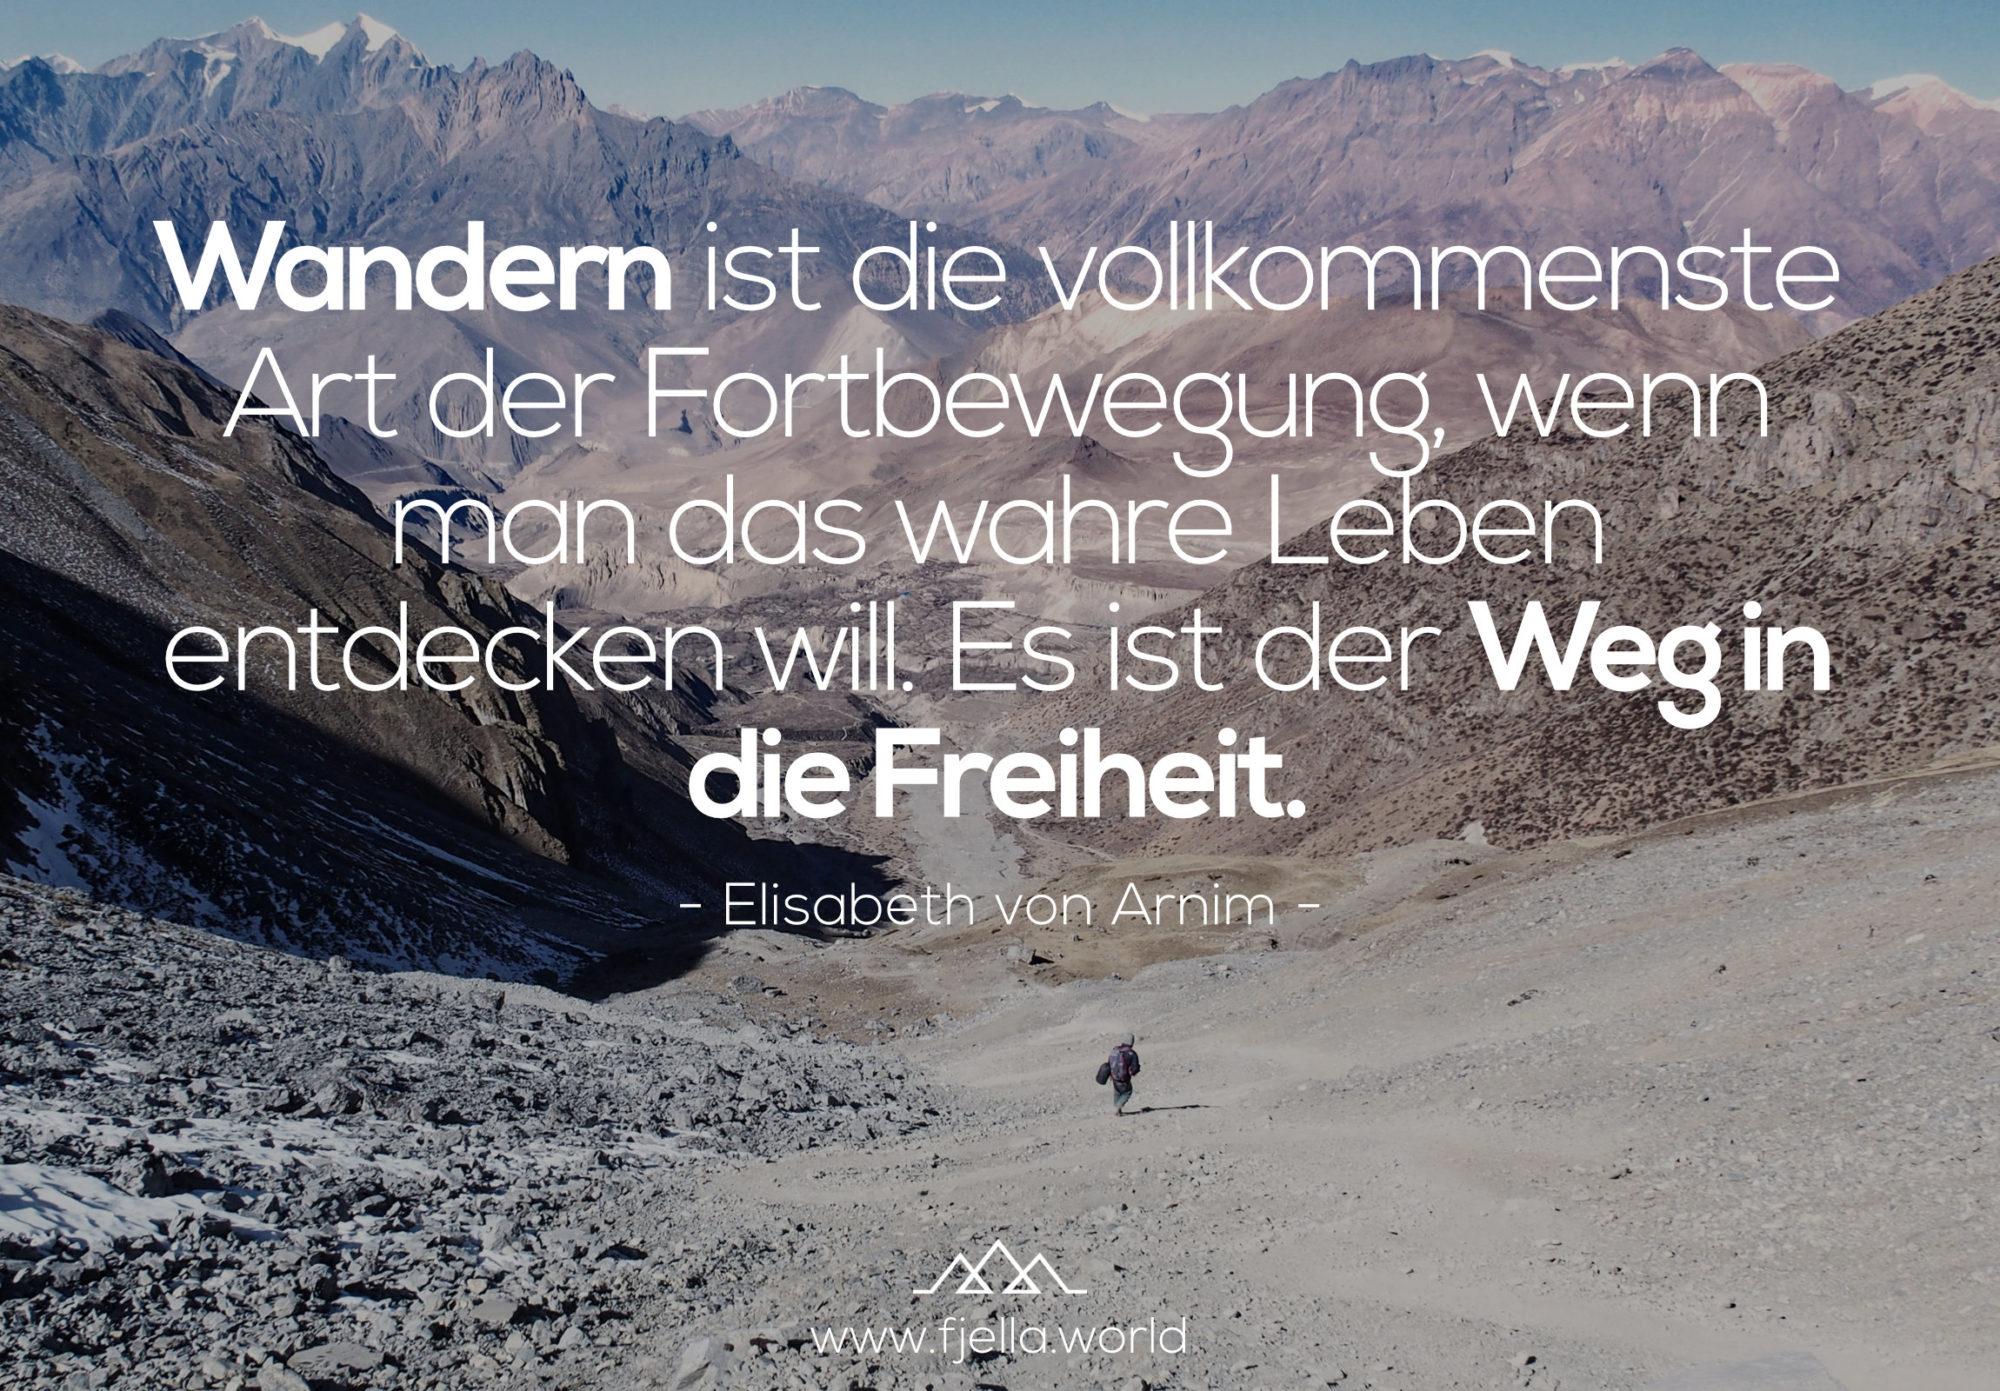 Wandersprüche: Wandern ist die vollkommenste Art der Fortbewegung, wenn man das wahre Leben entdecken will. Es ist der Weg in die Freiheit. - Elisabeth von Arnim